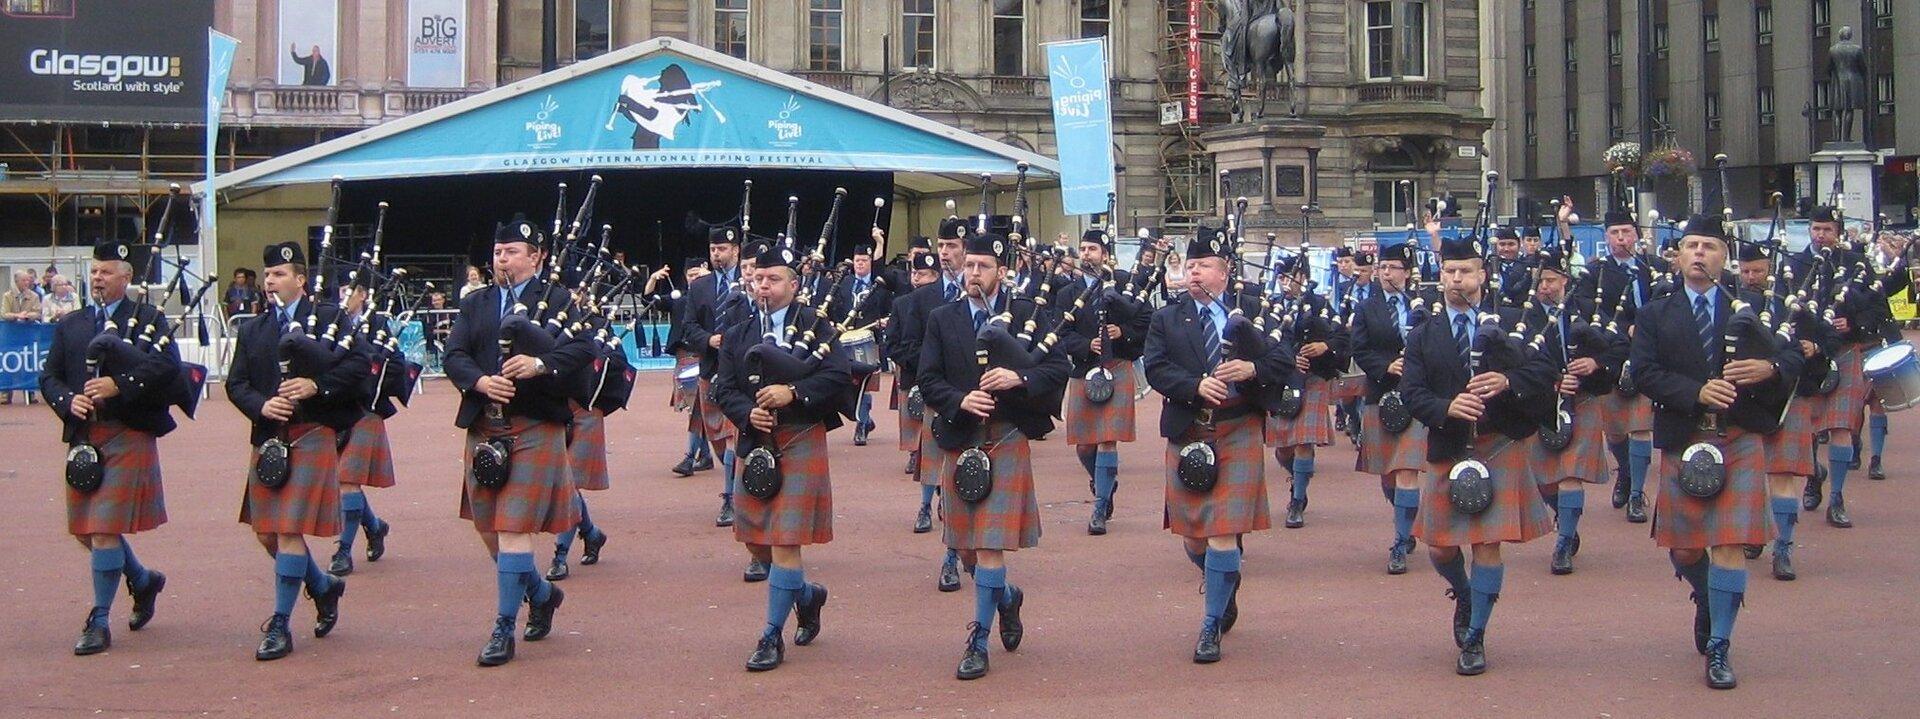 Na zdjęciu szkocka orkiestra wstrojach narodowych, mężczyźni wgranatowych marynarkach, spódnicach wczerwoną kratę. Granatowe nakrycia głowy. Grają na instrumentach dętych. Idą po placu, wtle scena plenerowa, dalej budynki.